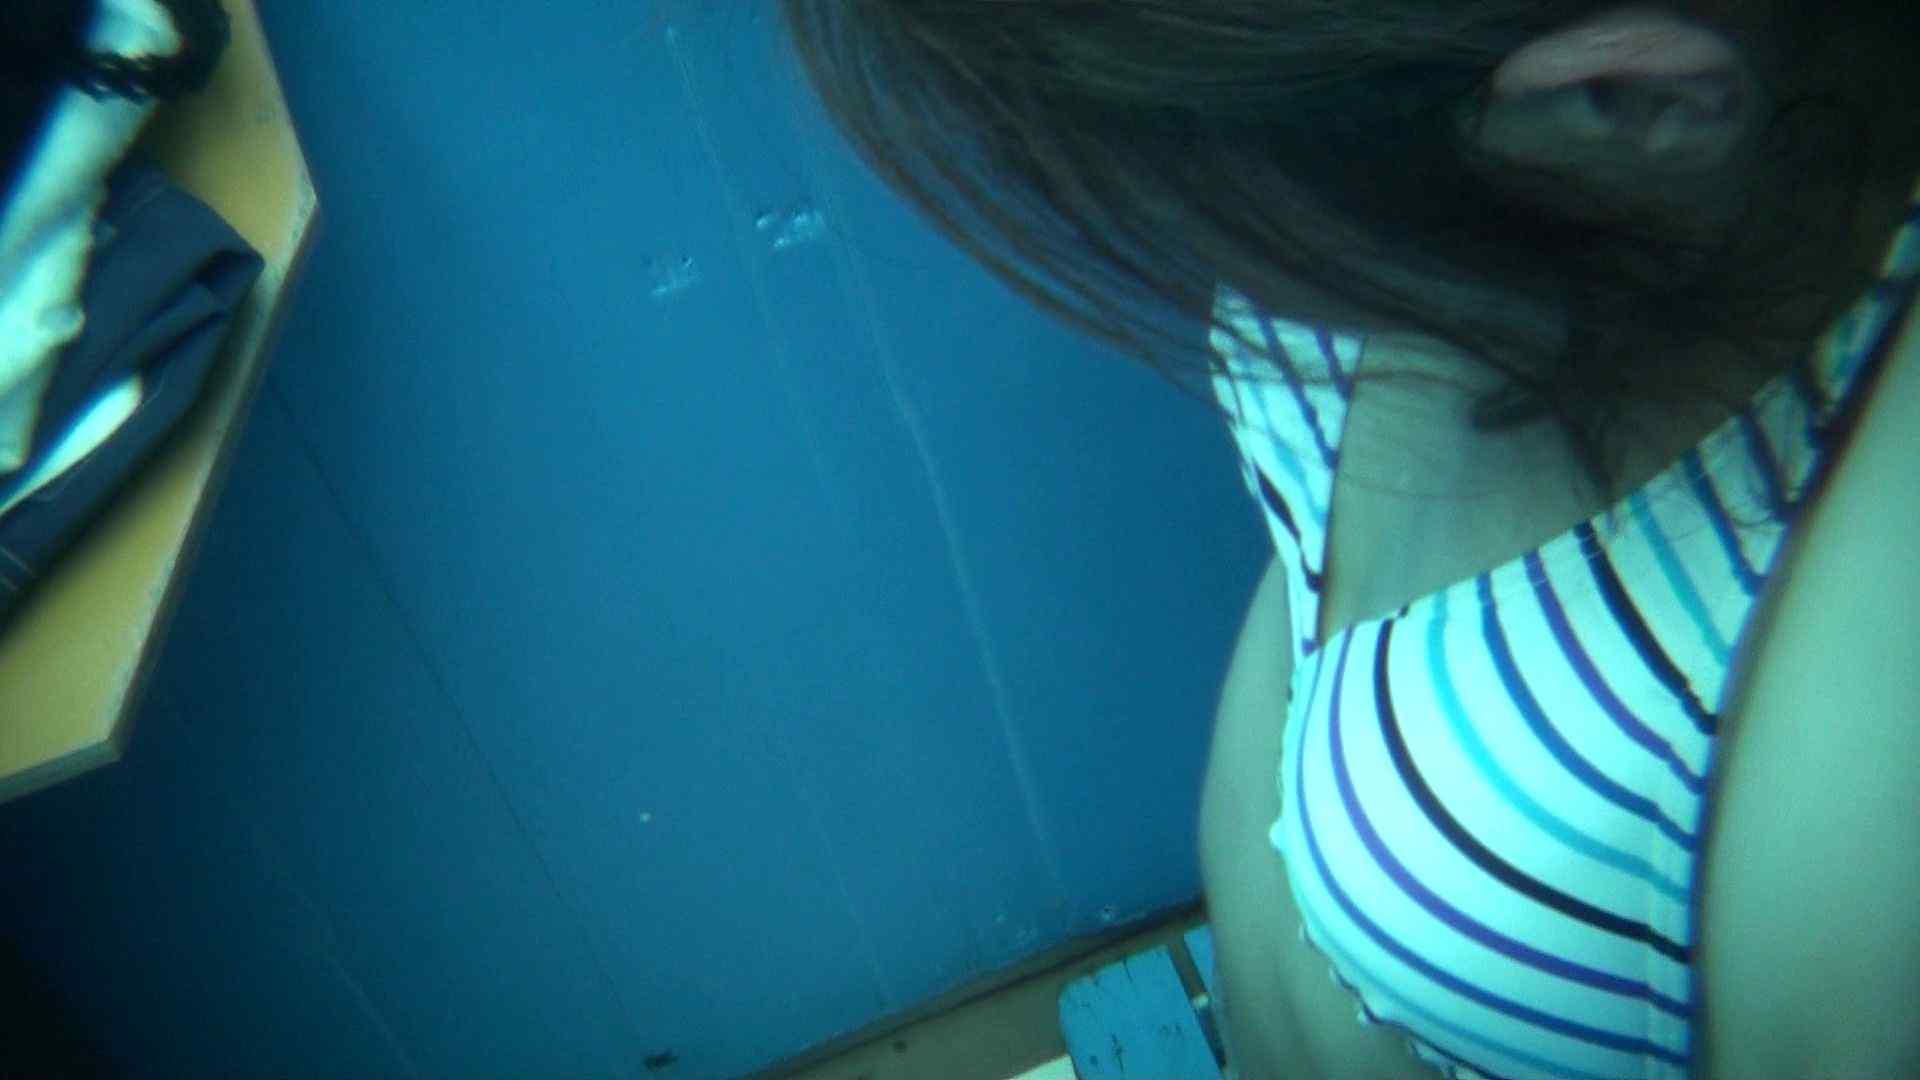 シャワールームは超!!危険な香りVol.27 乳首は一瞬貧乳姉さん 乳首 盗撮動画紹介 18pic 3